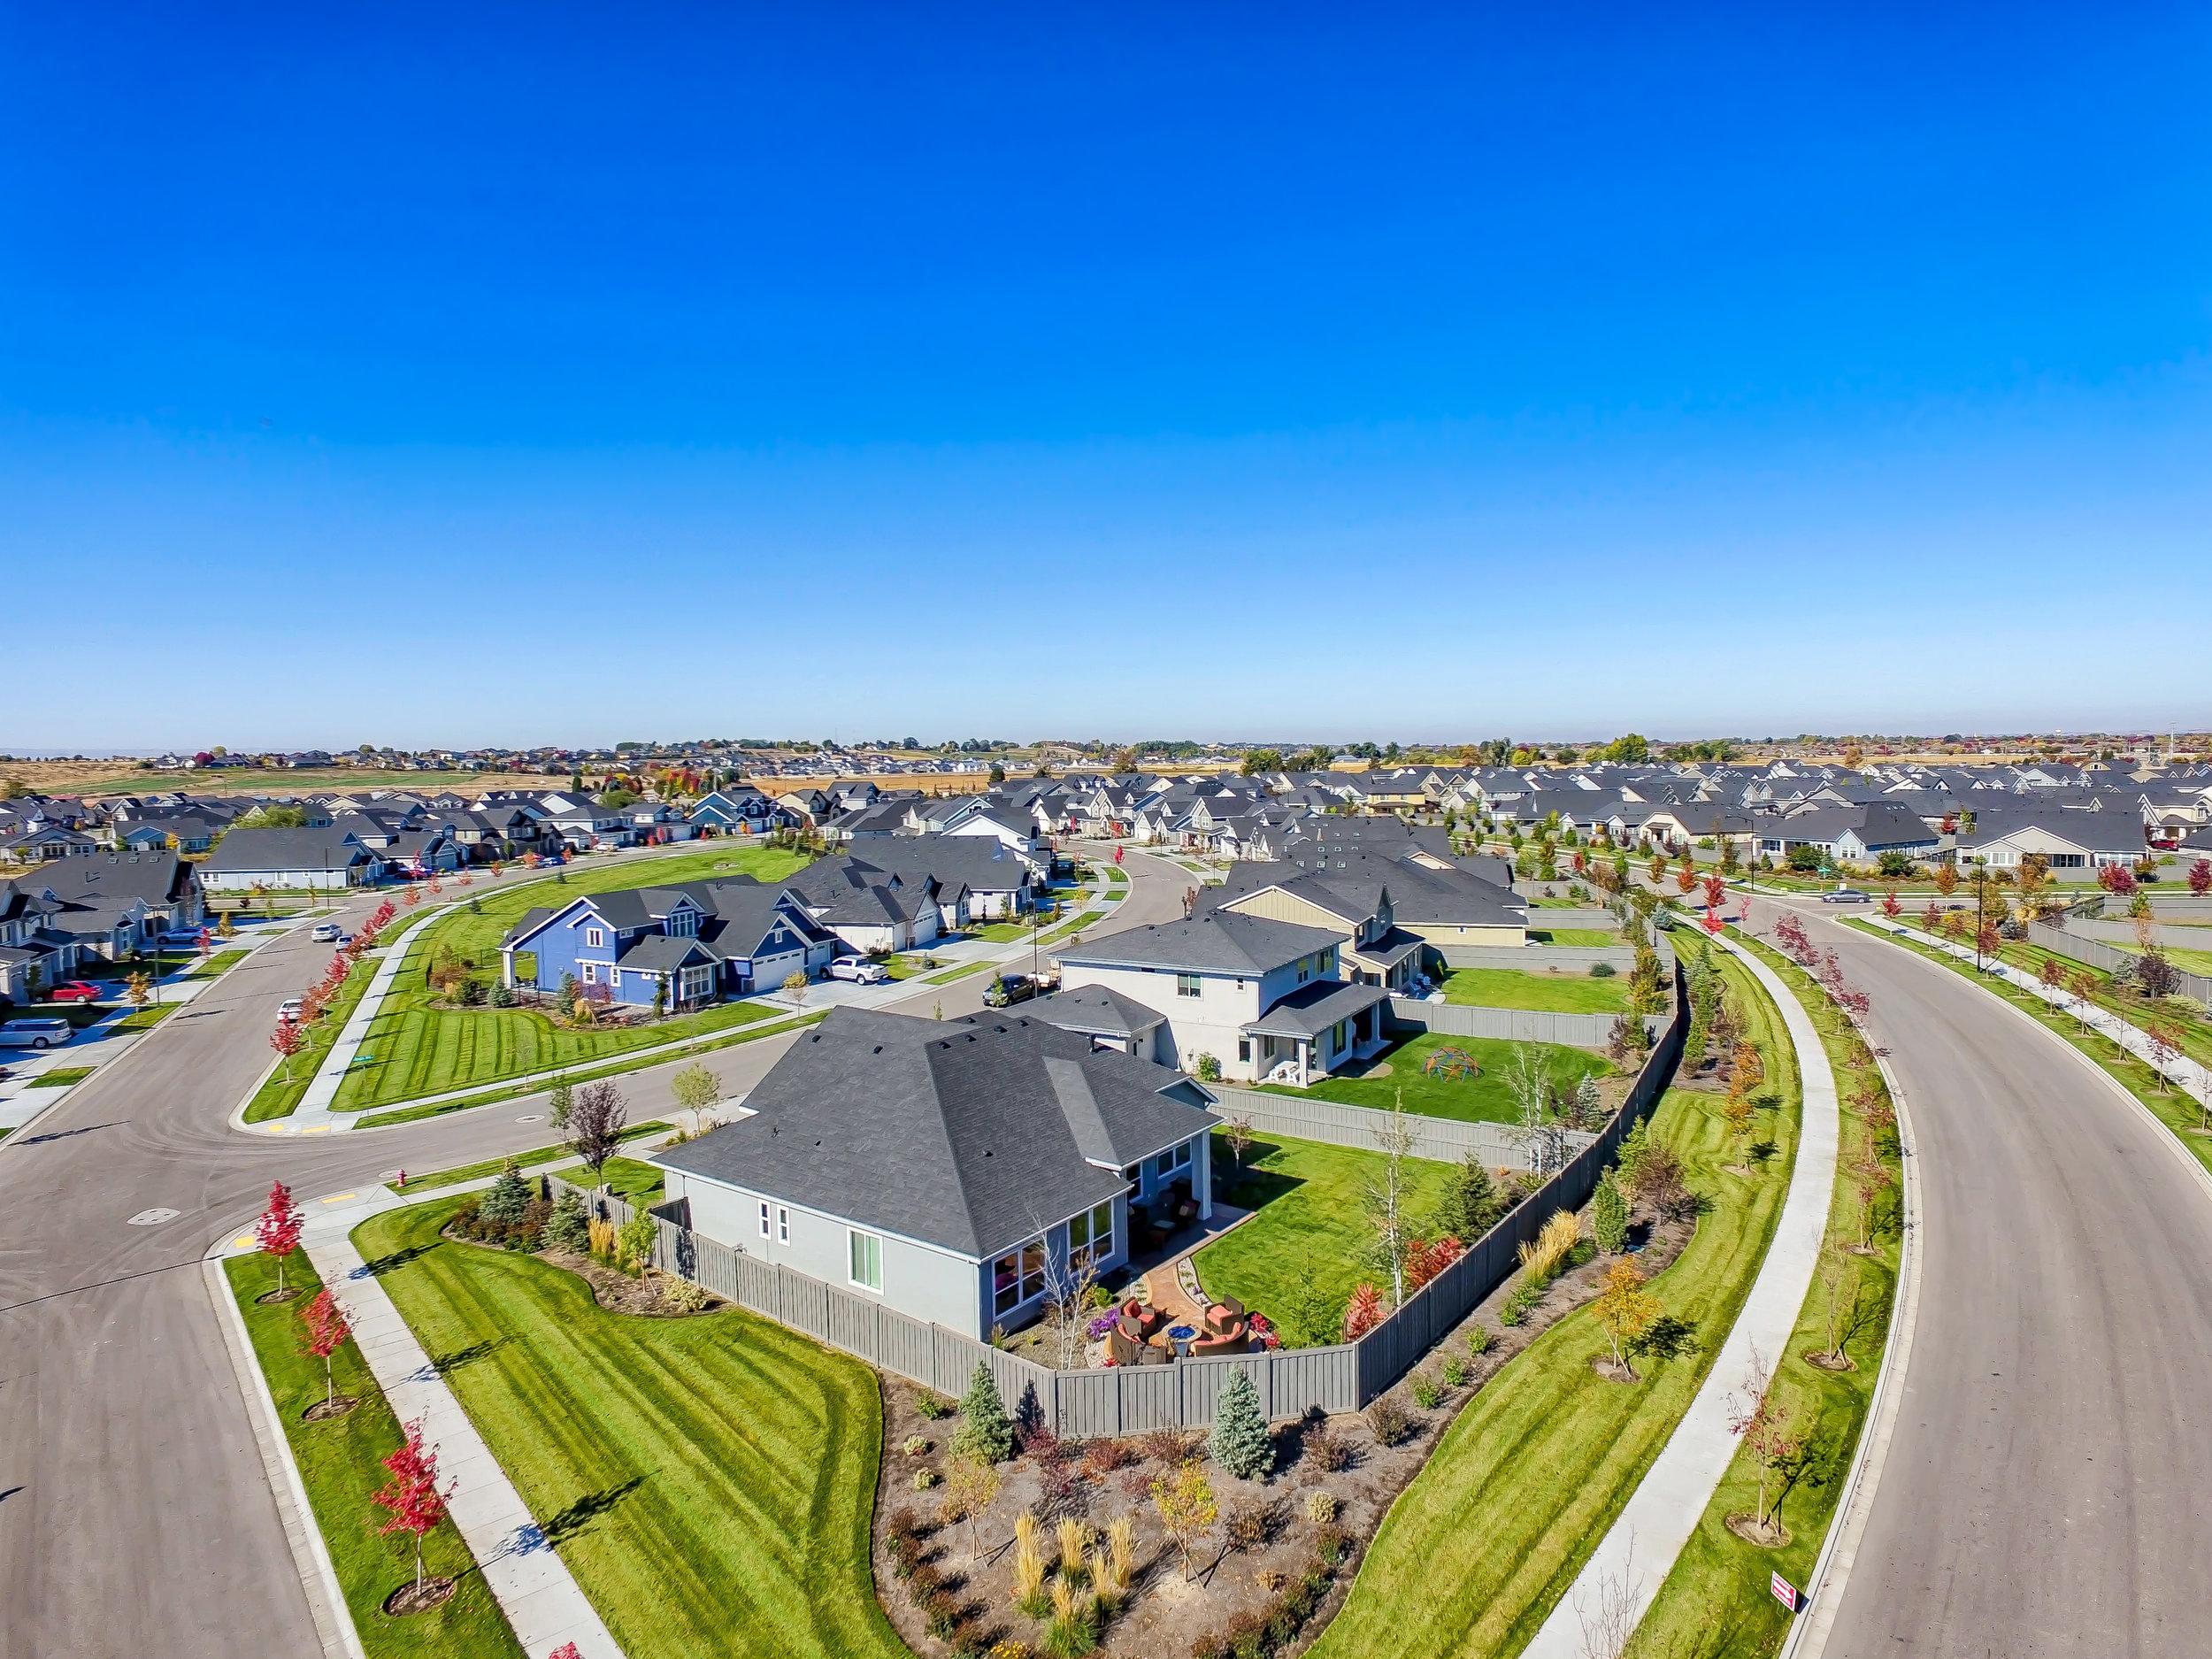 028_Aerial Community View_13.jpg